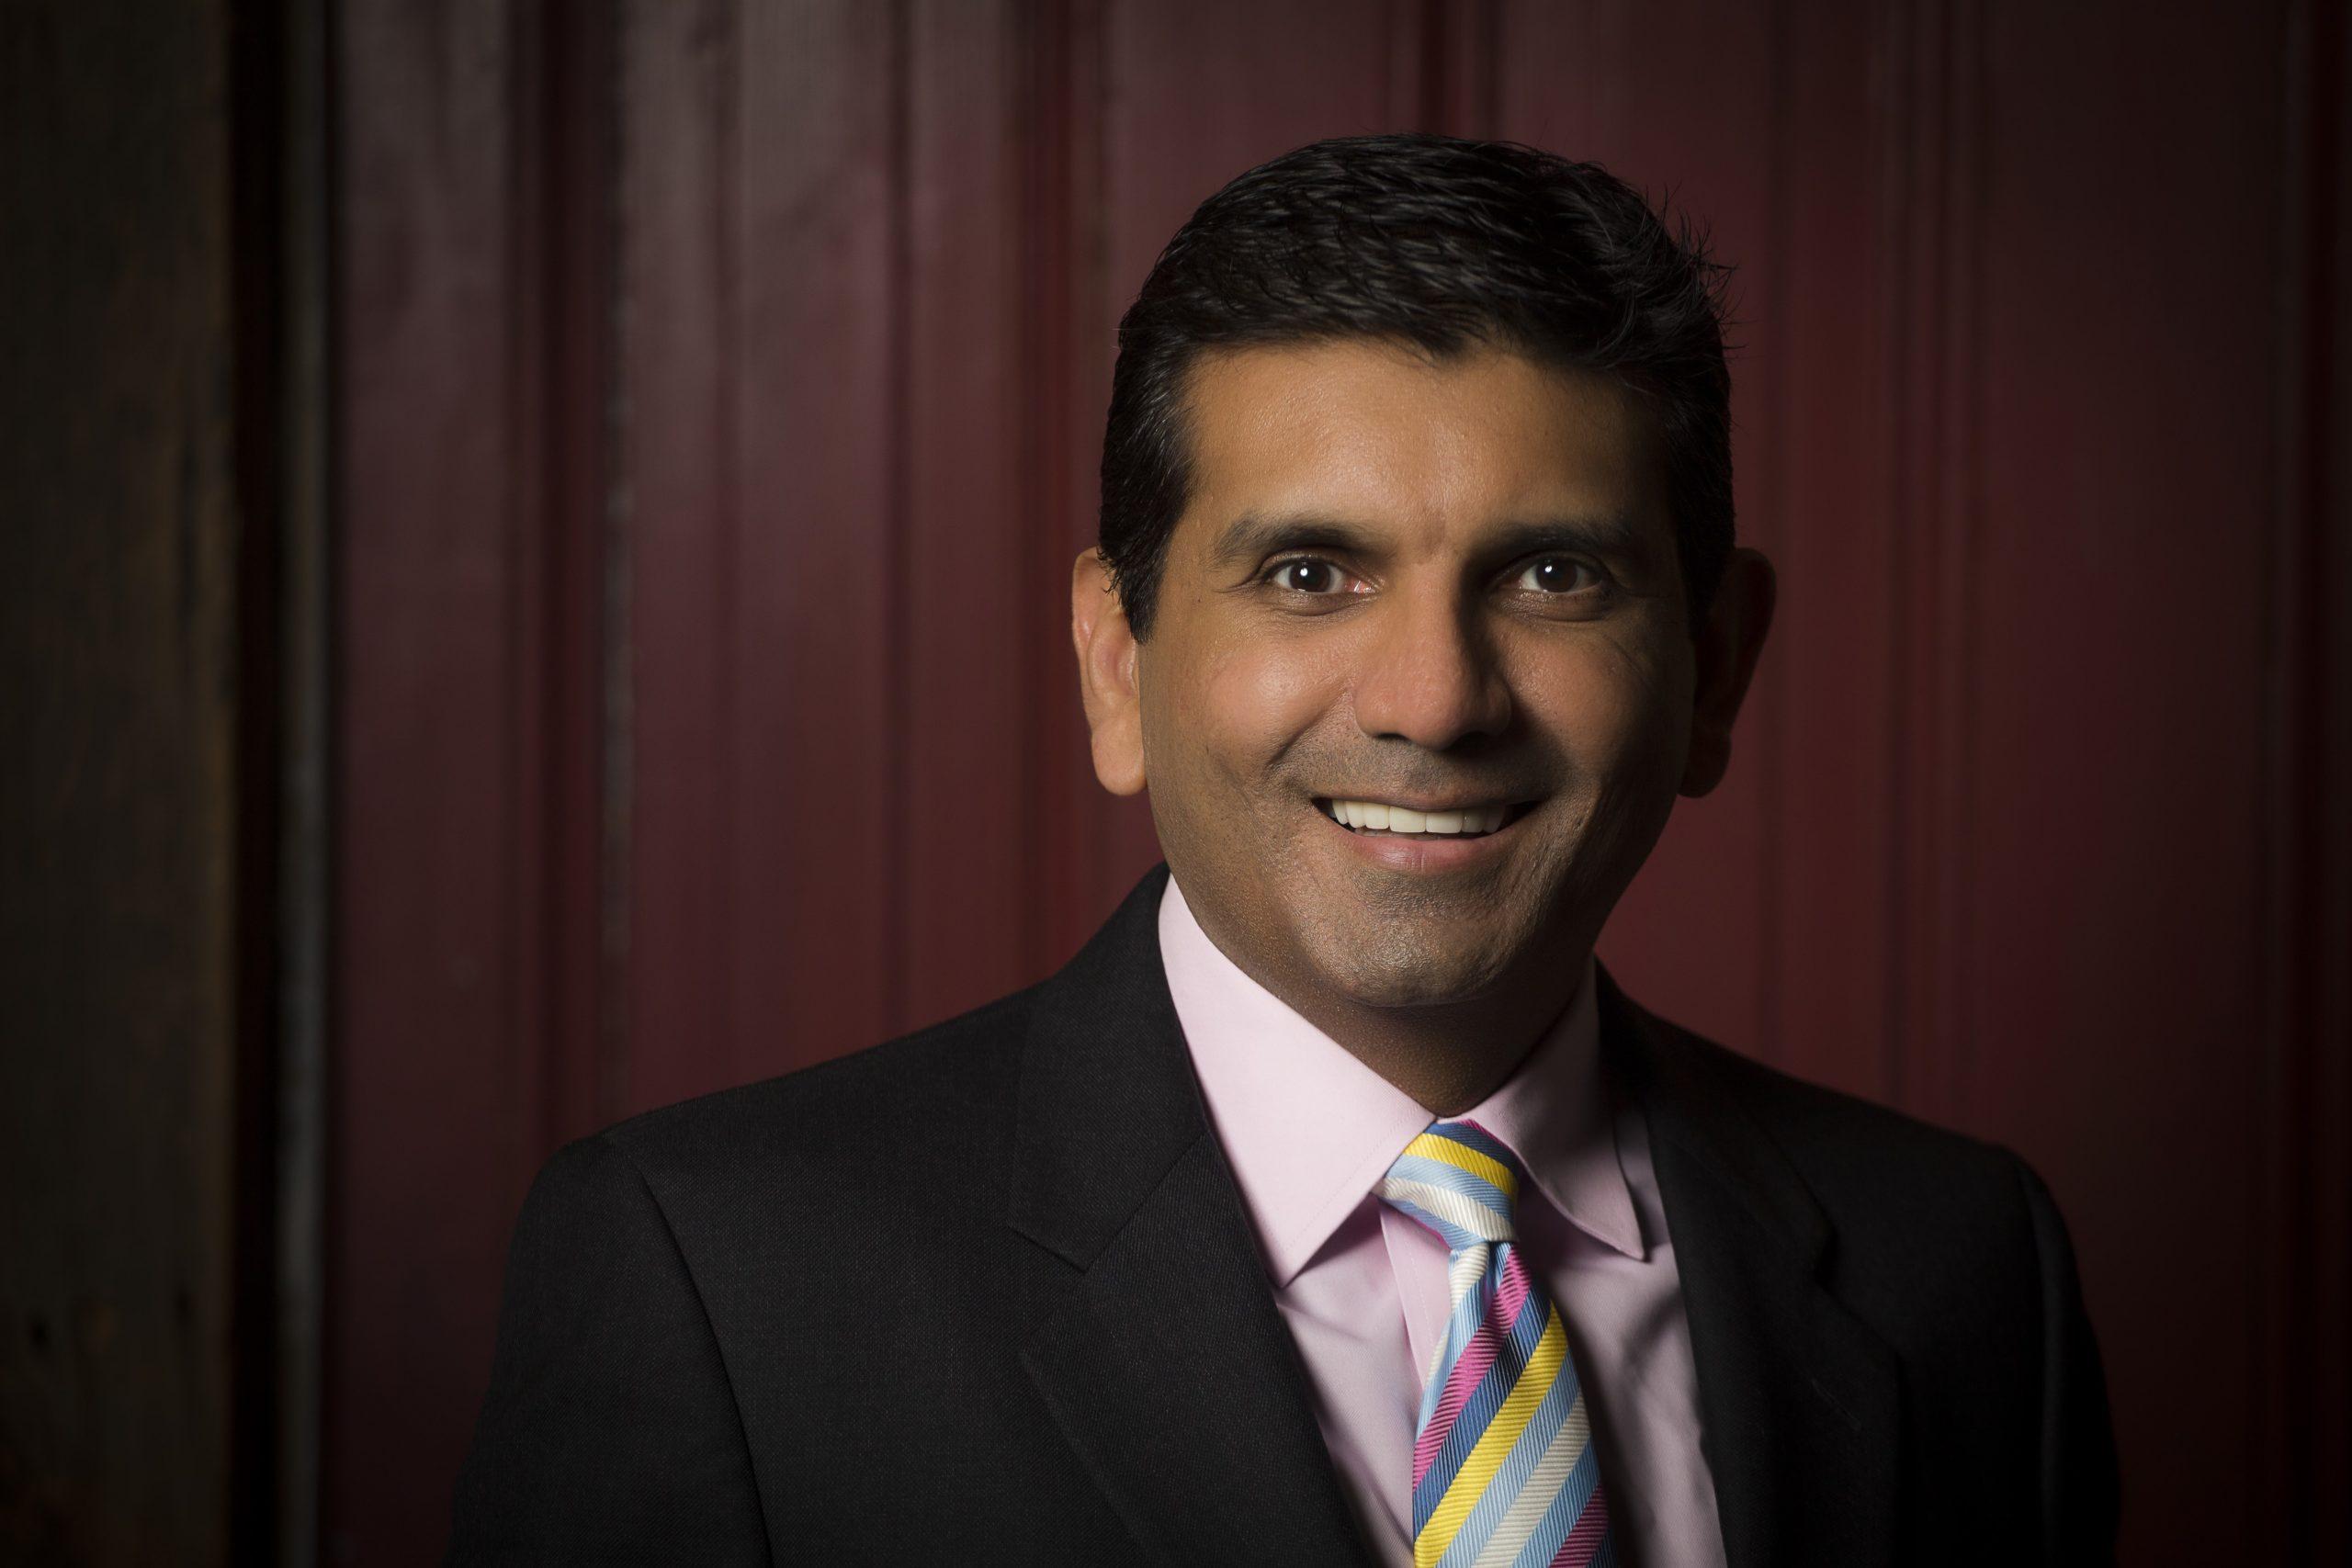 Dr. Rahim Valani